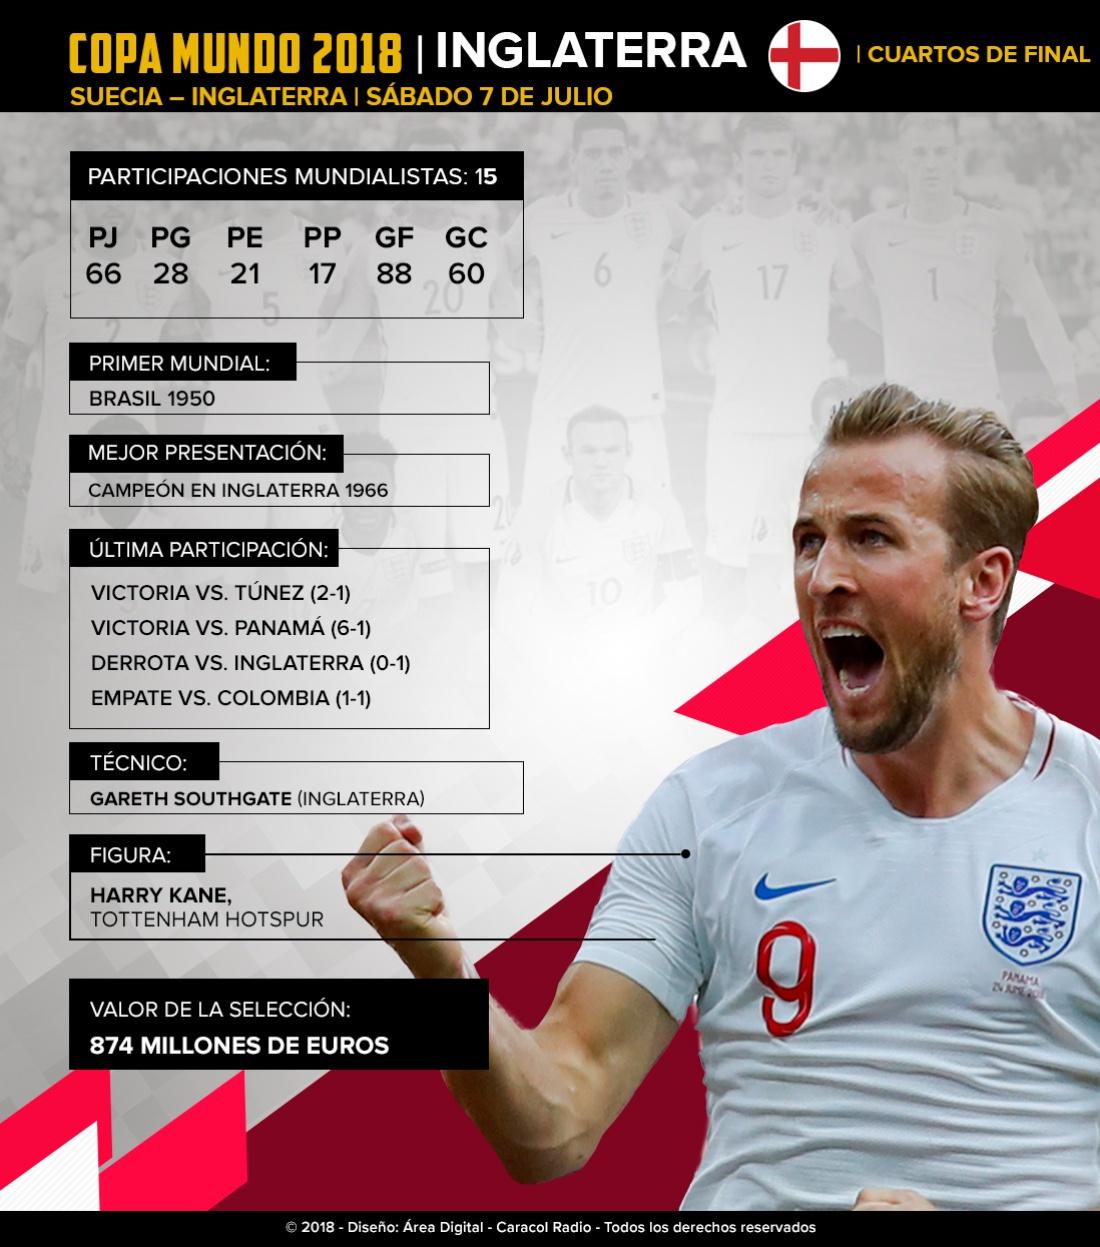 Inglaterra Mundial Rusia: Inglaterra: El sueño de la segunda Copa del Mundo está más cerca